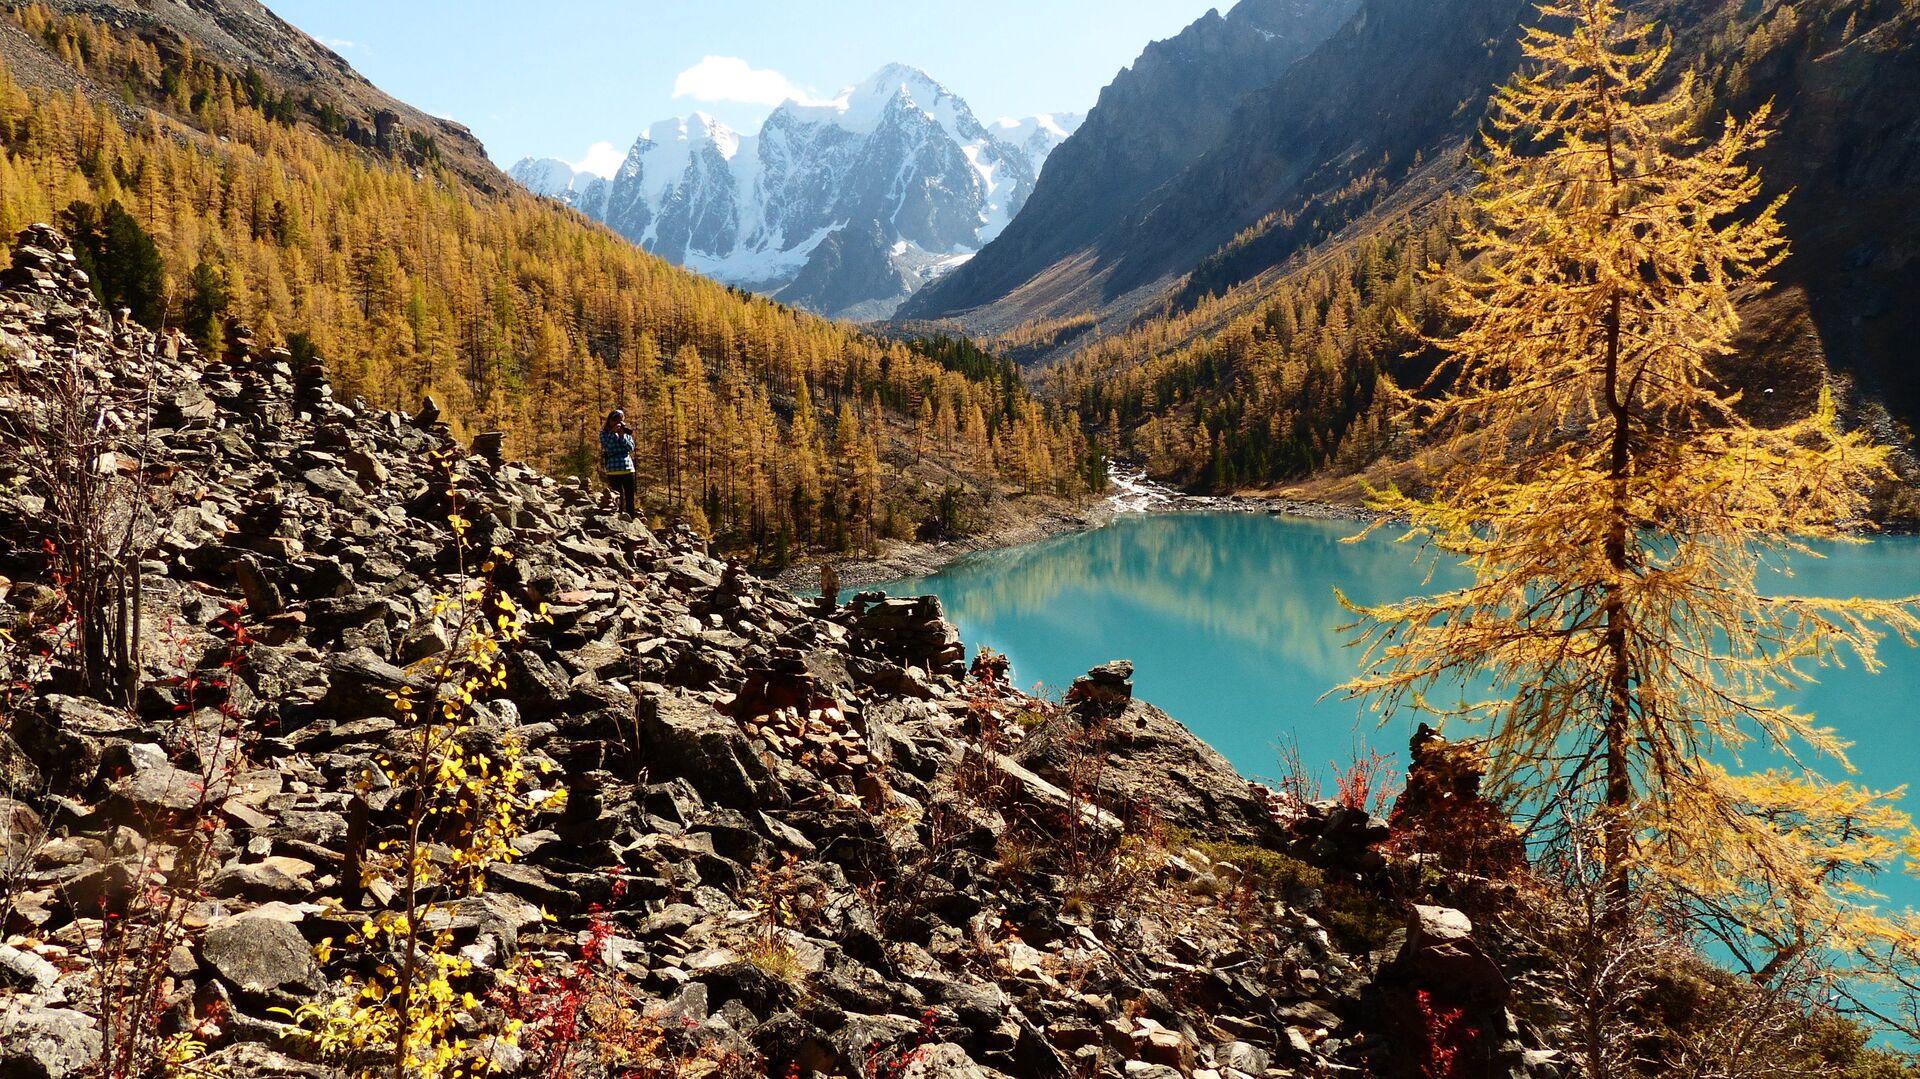 Нижнее Шавлинское озеро в Кош-Агачском районе Республики Алтай - РИА Новости, 1920, 06.07.2021